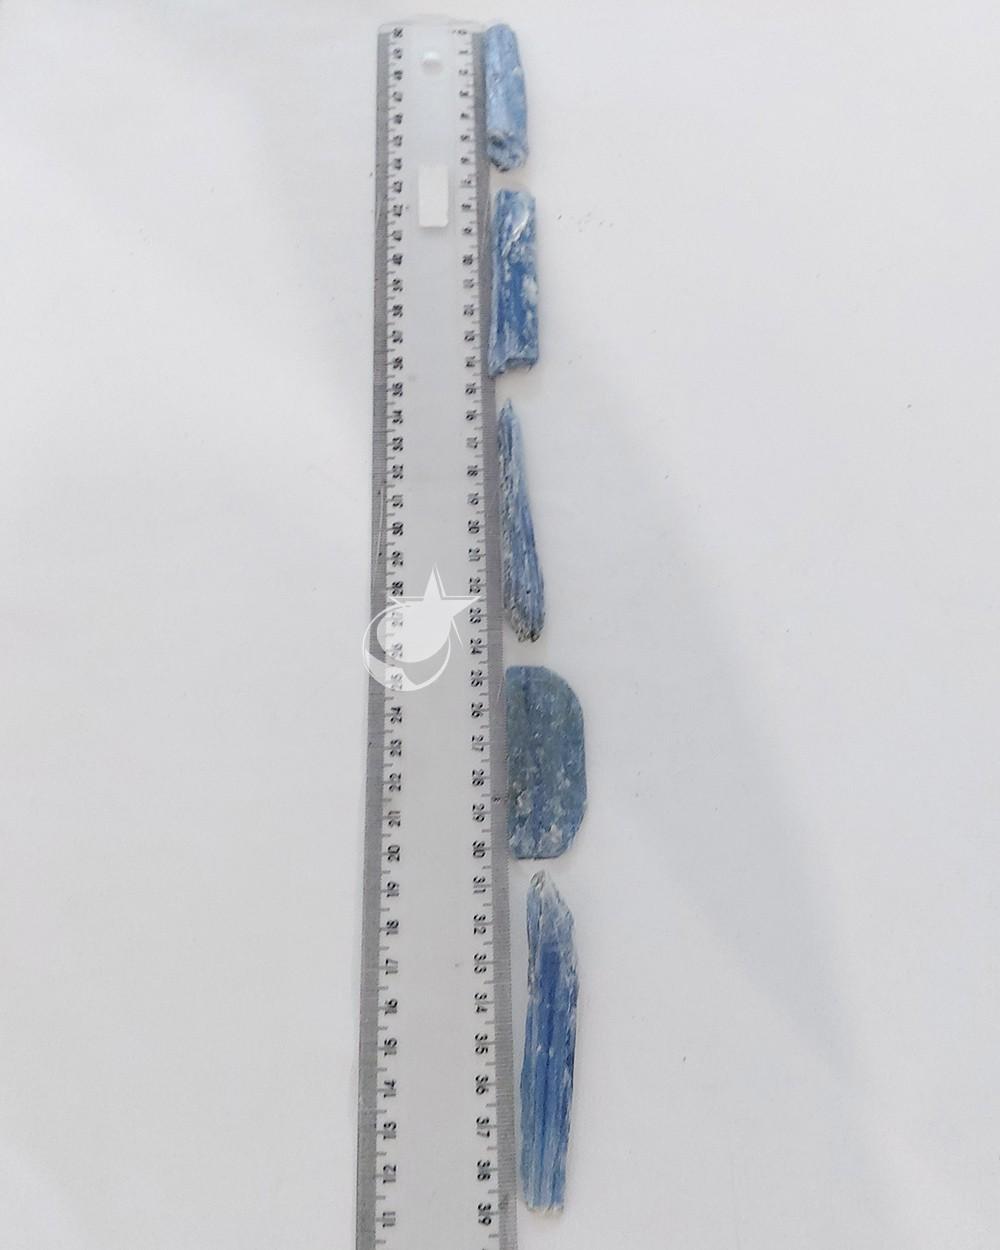 CIANITA AZUL  - UNIDADE - 6 a 8 cm (15 a 20g)